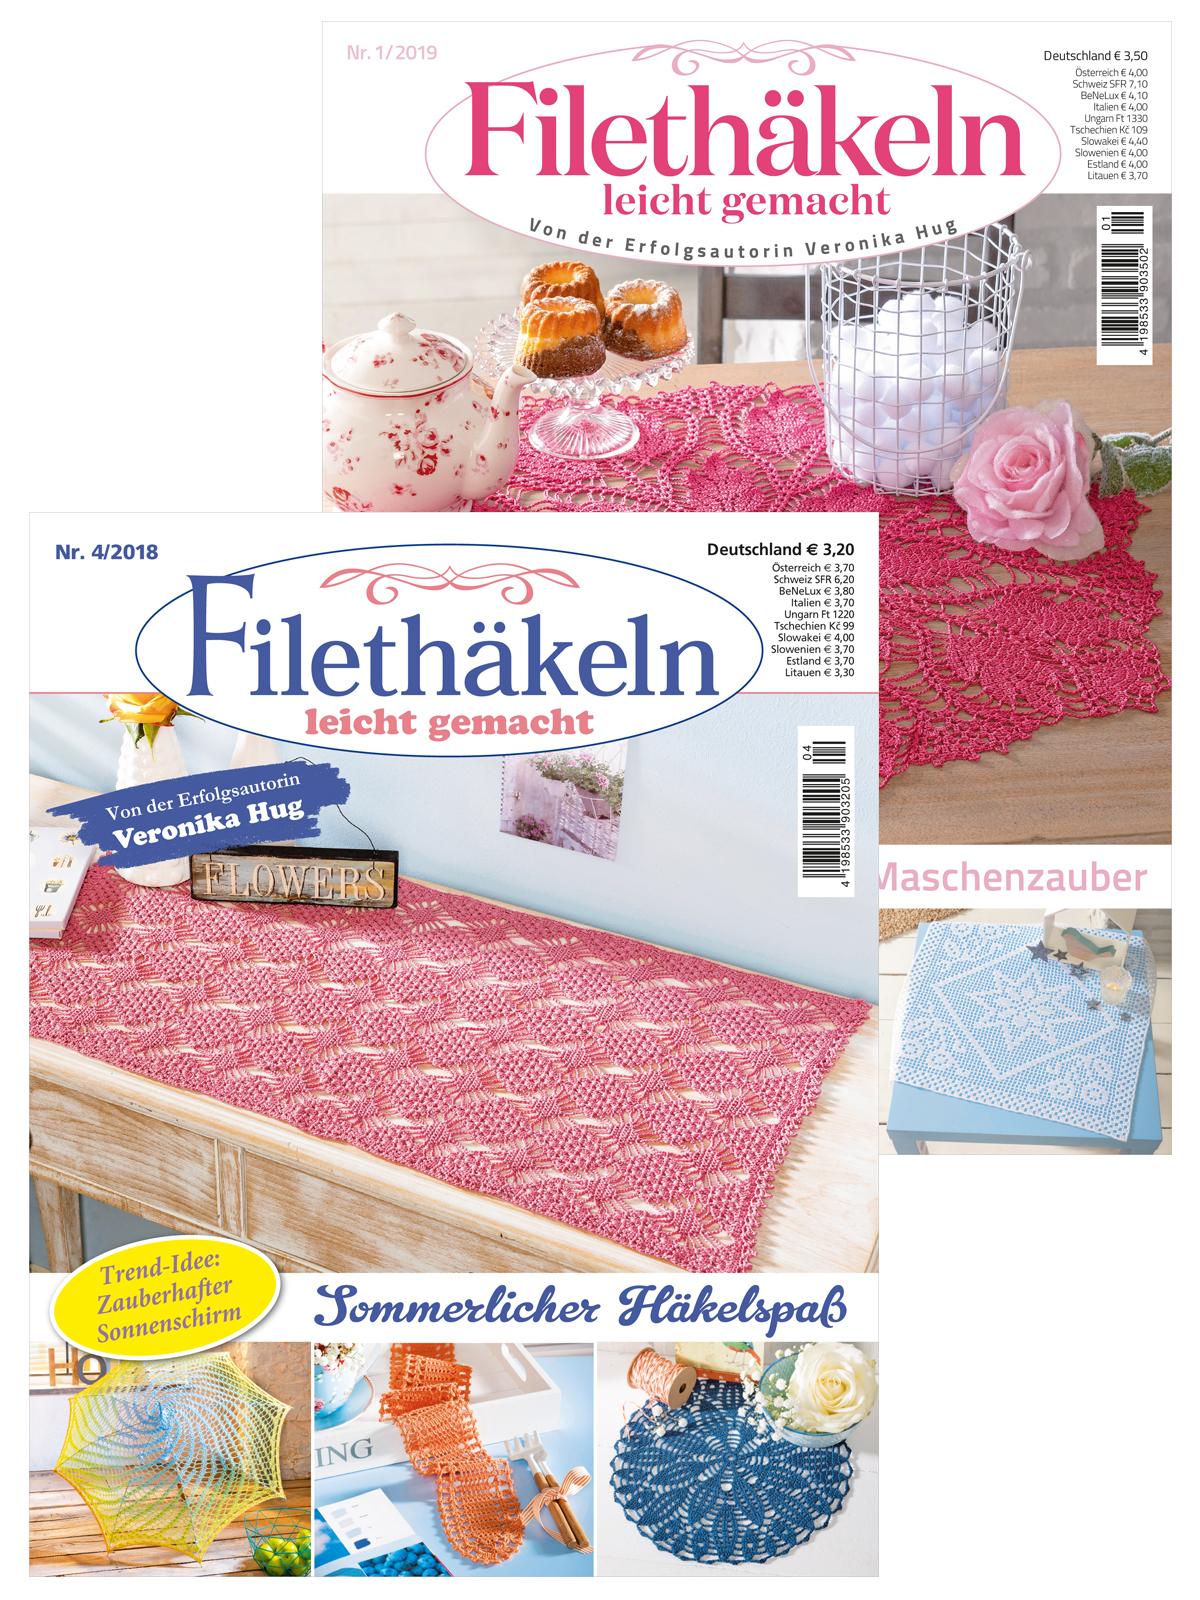 Zwei Zeitschriften im Sparpaket! Filethäkeln Leichtgemacht Nr. 04/2018 und Nr. 01/19